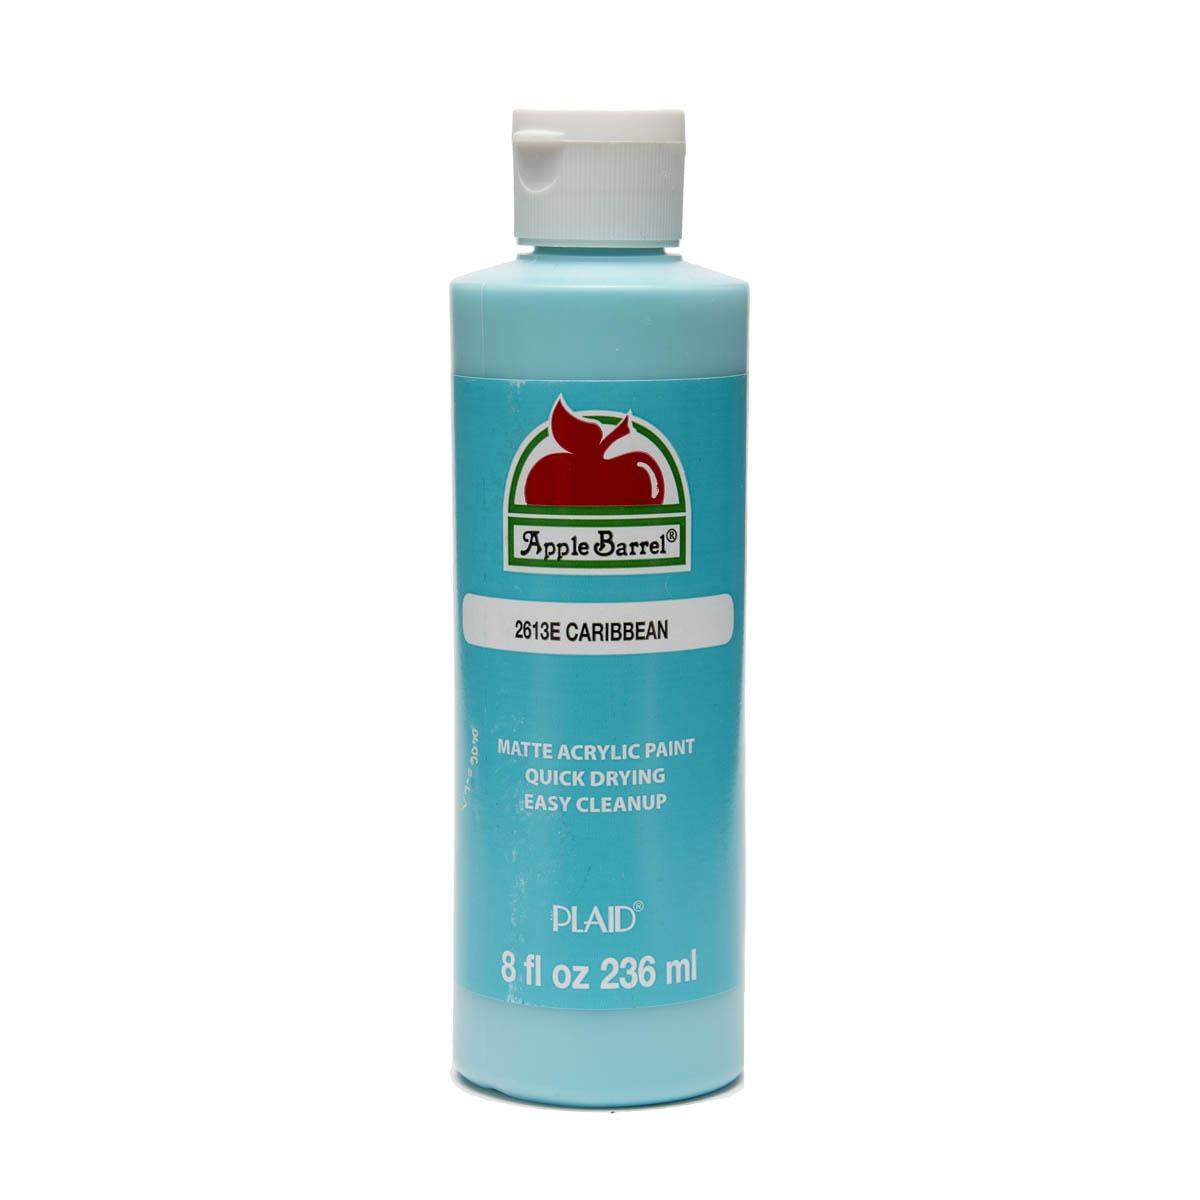 Apple Barrel ® Colors - Caribbean, 8 oz.